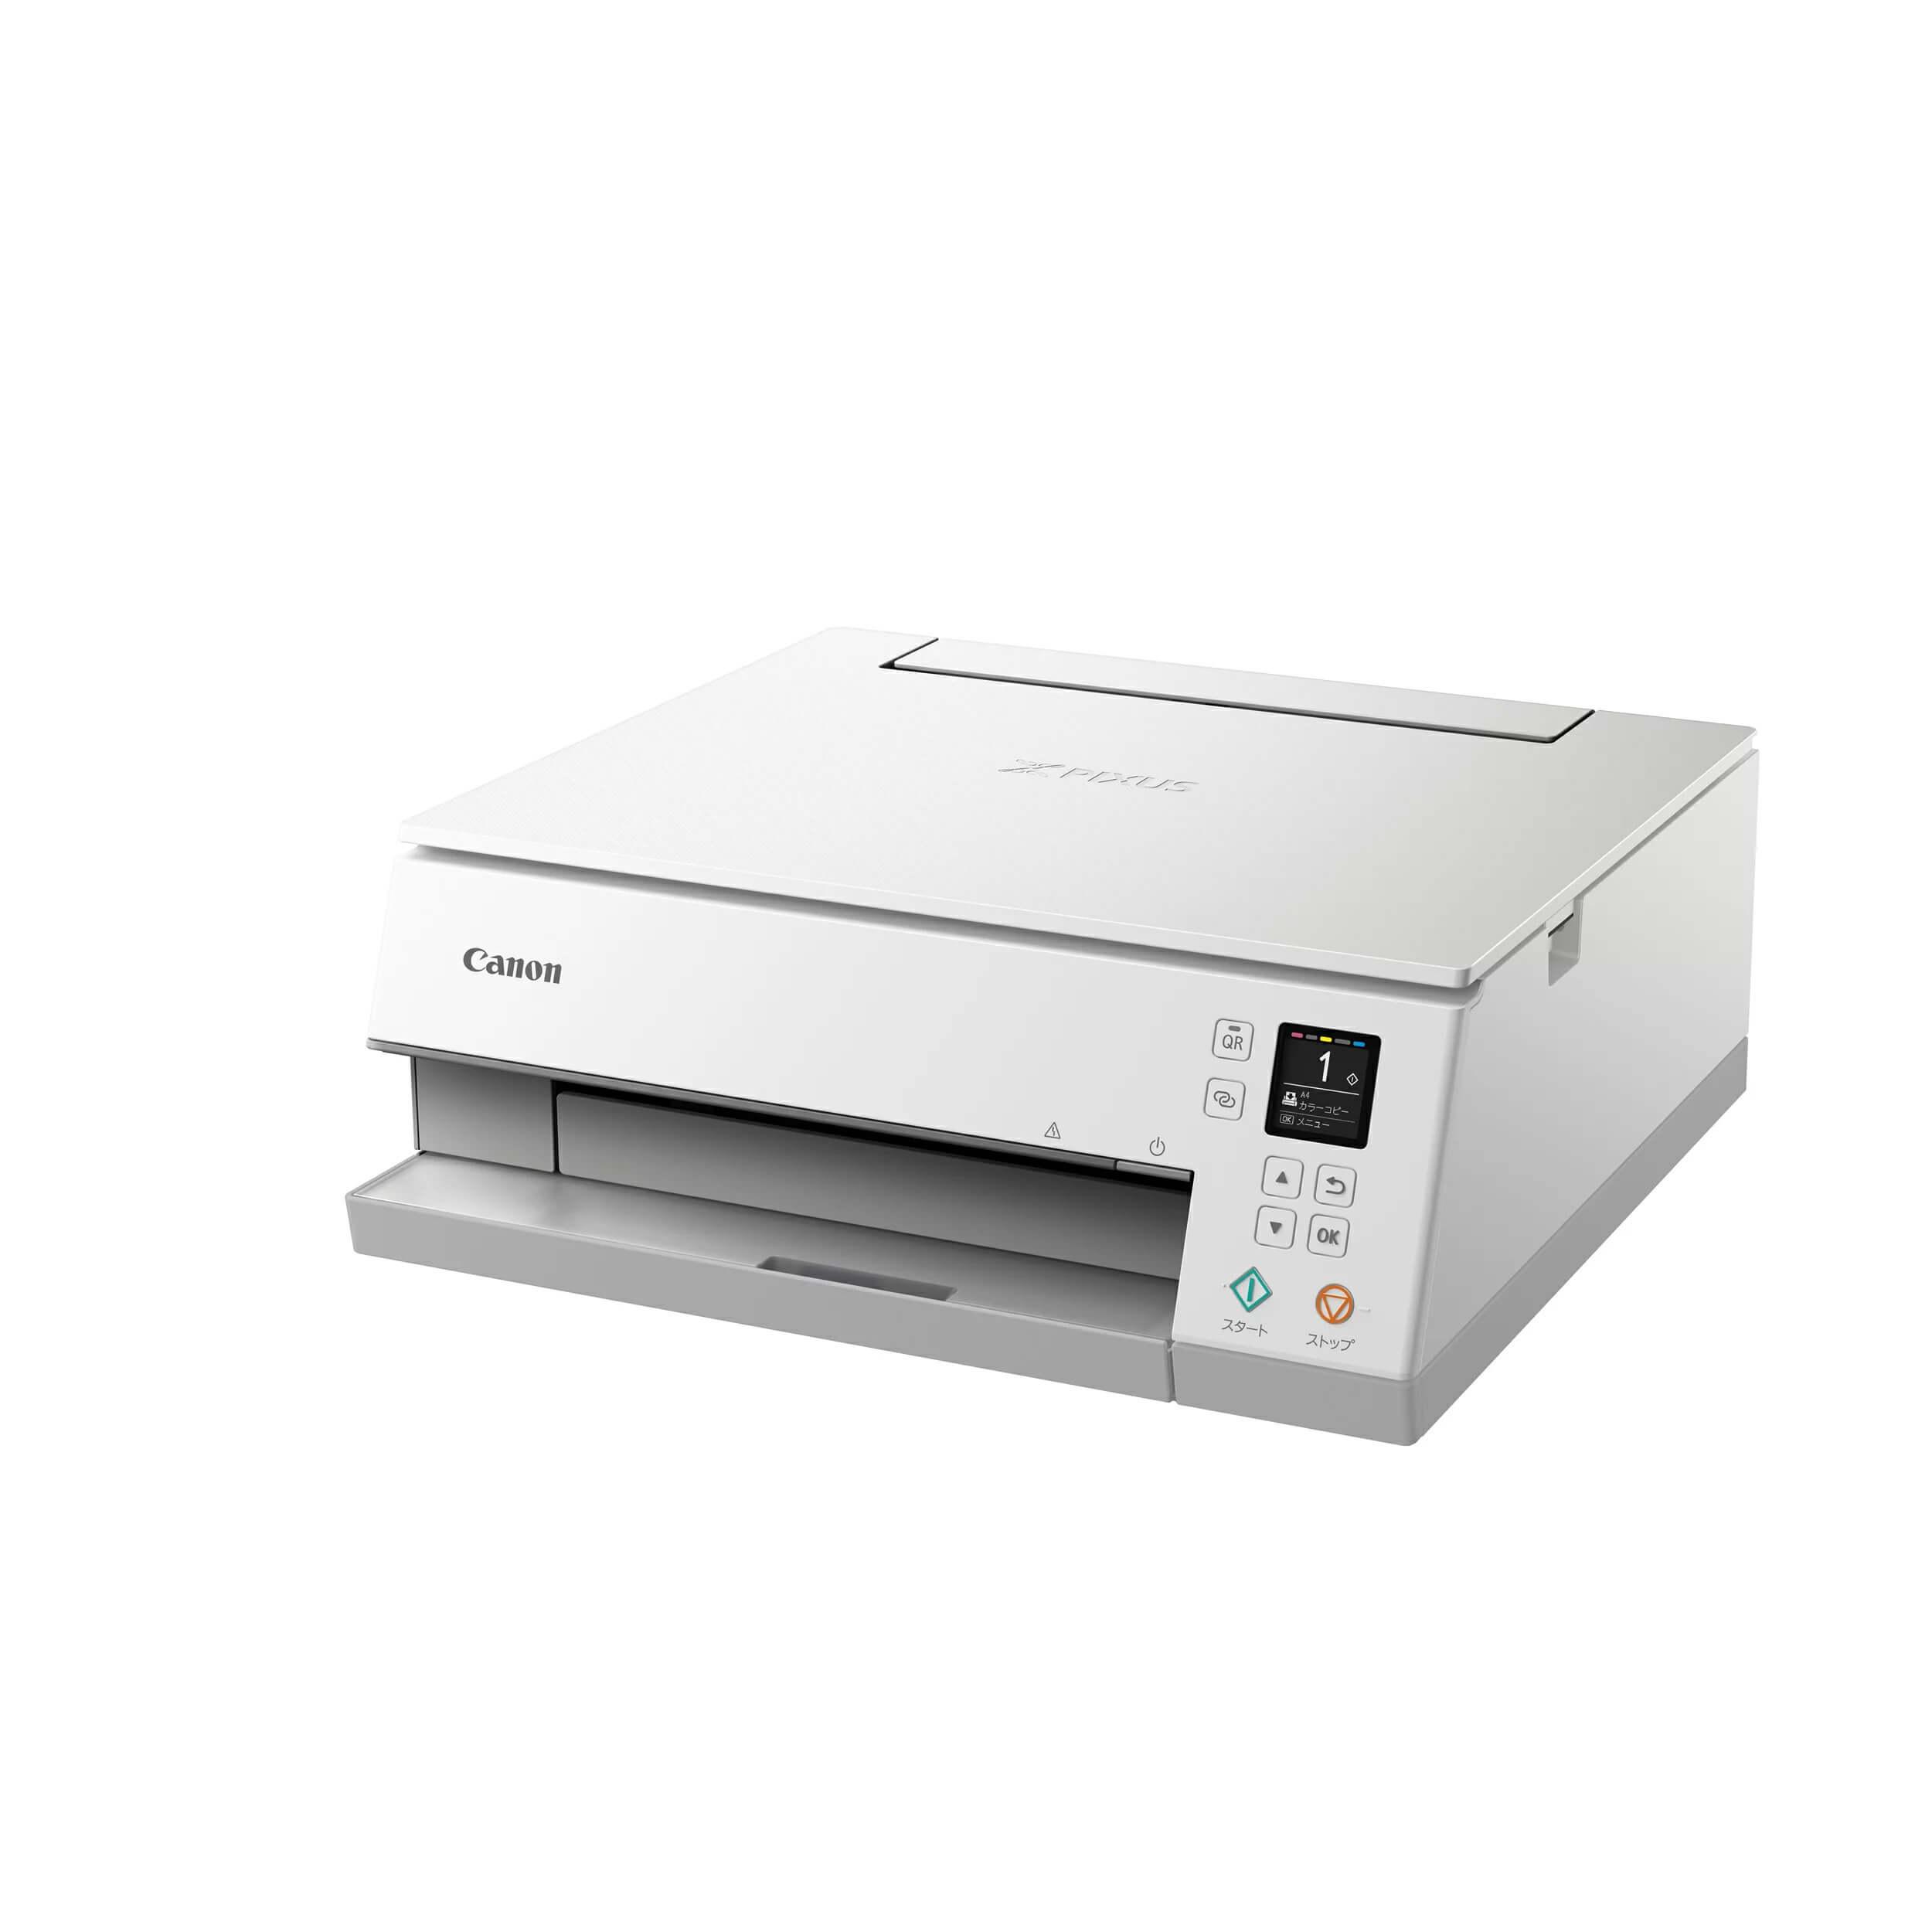 キヤノン インクジェット複合機 PIXUS TS7430(ホワイト) イメージ